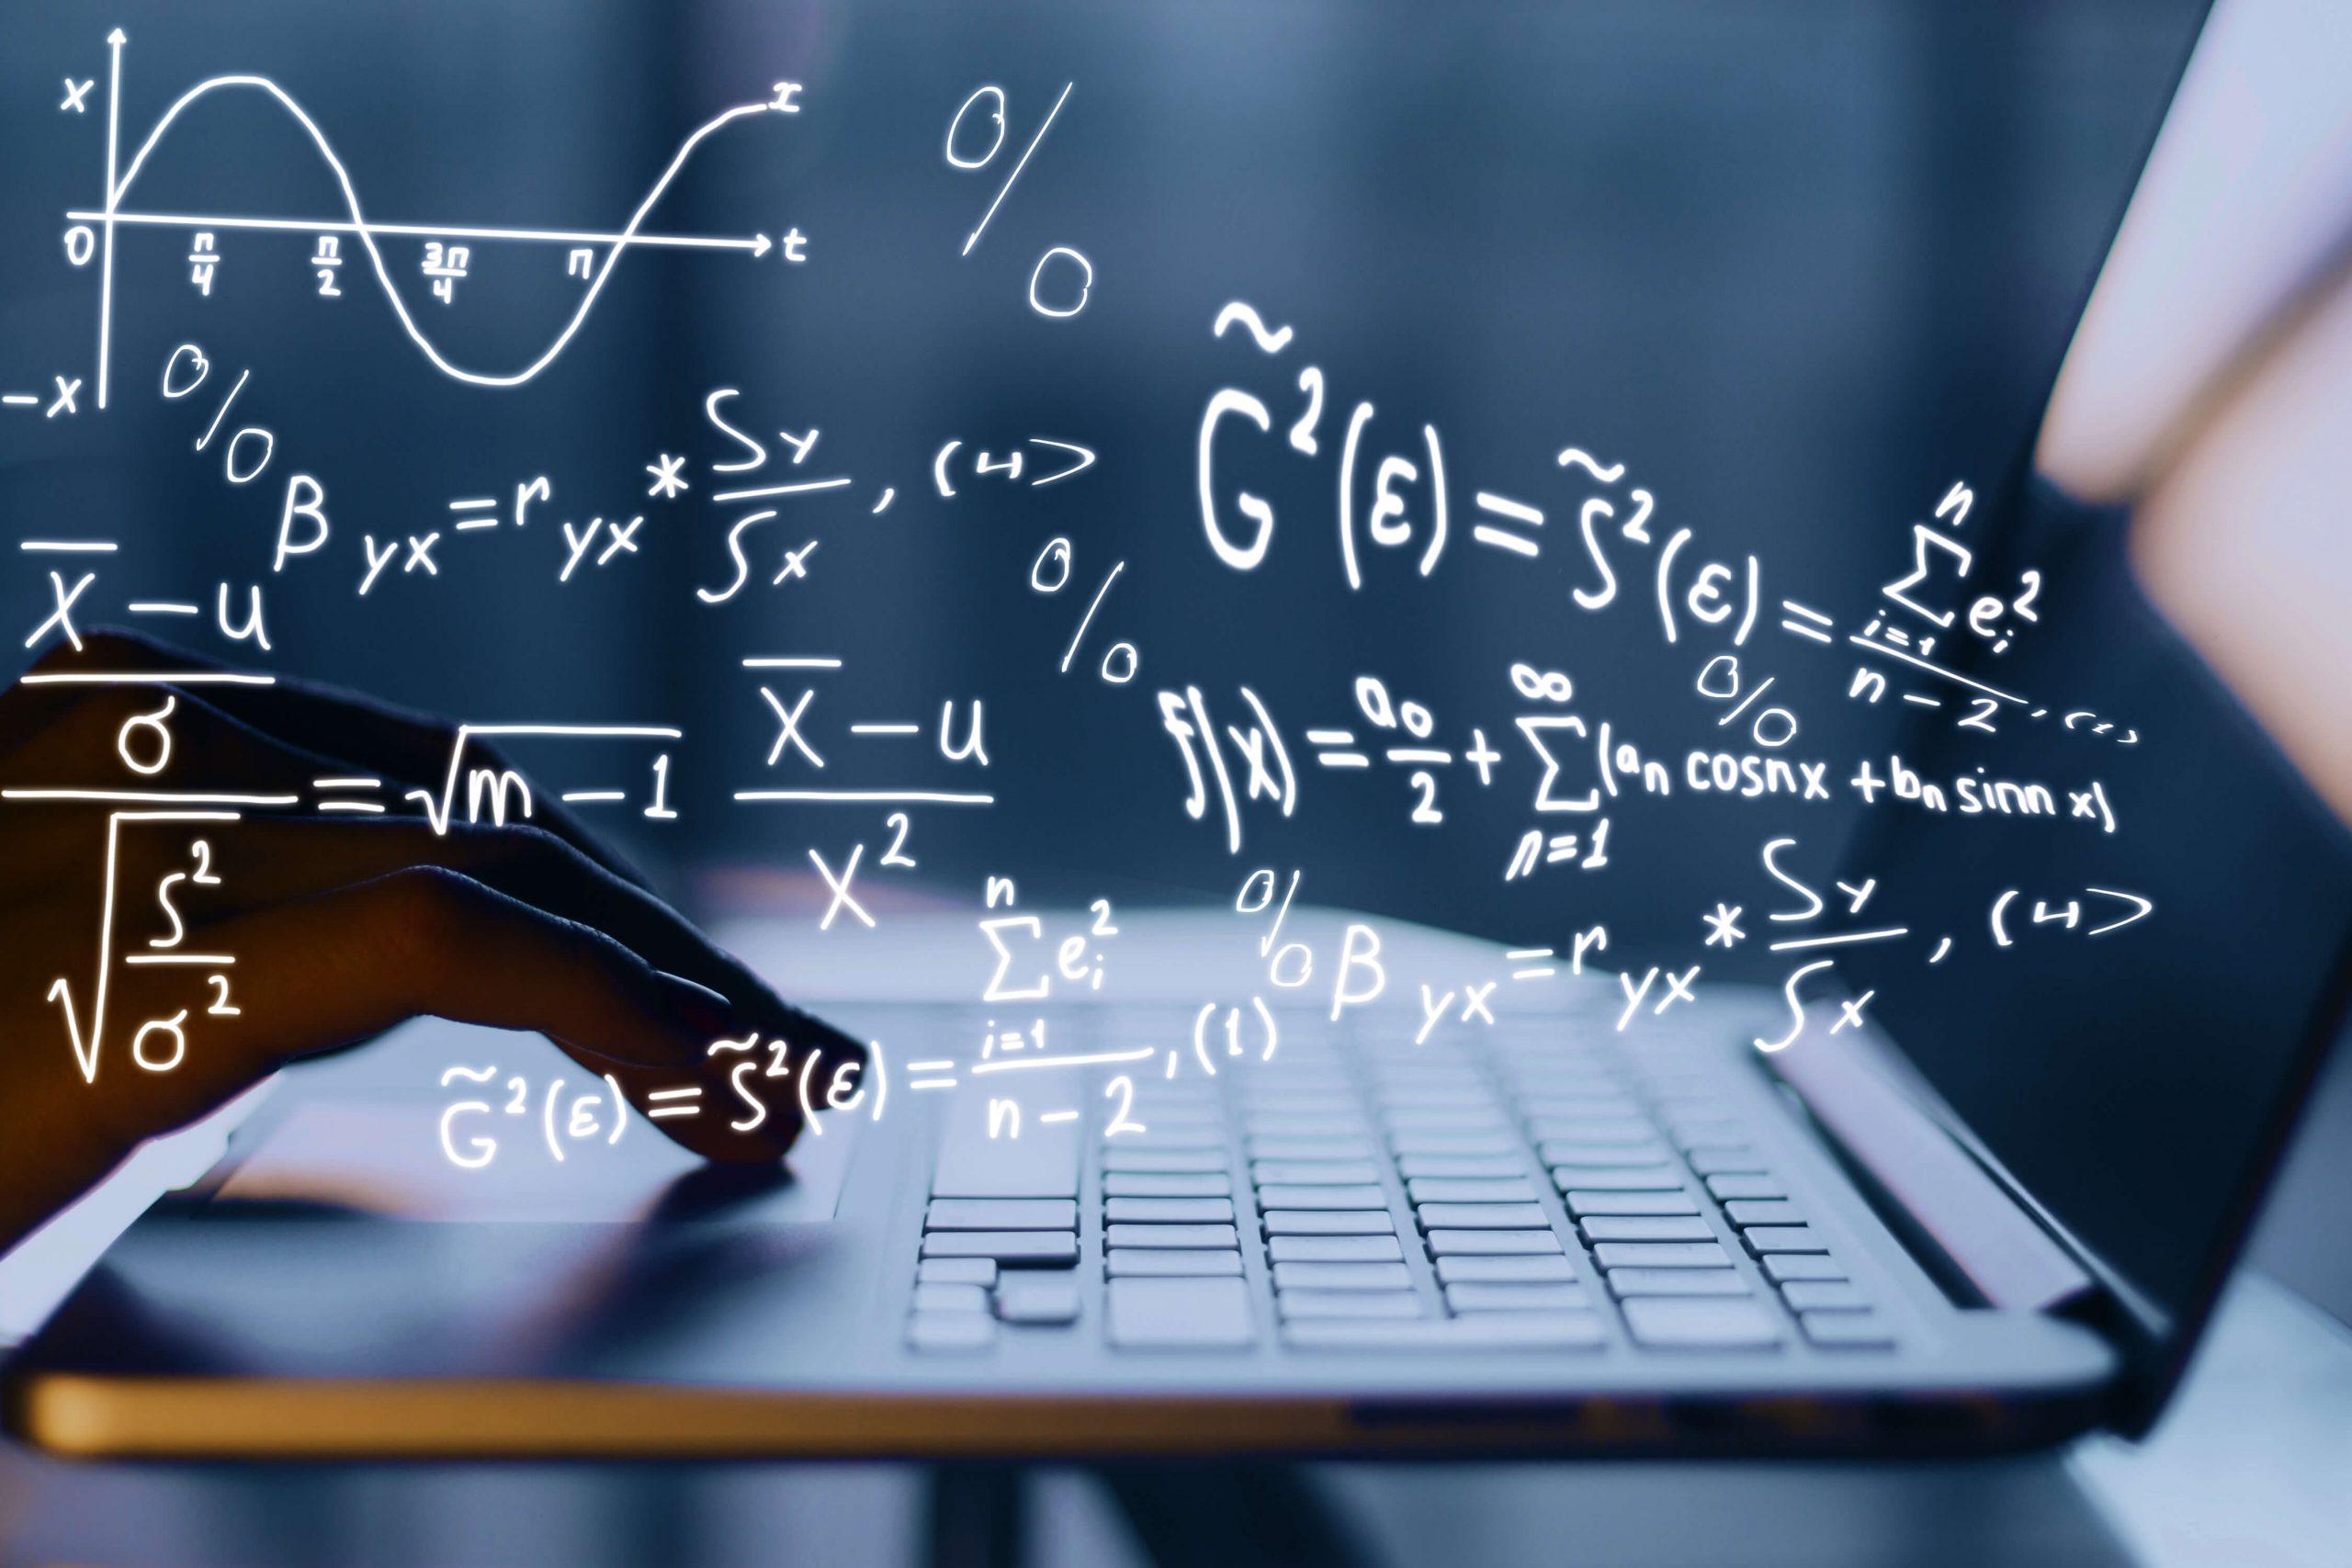 Marketing-file-photo-mathematics-20200320